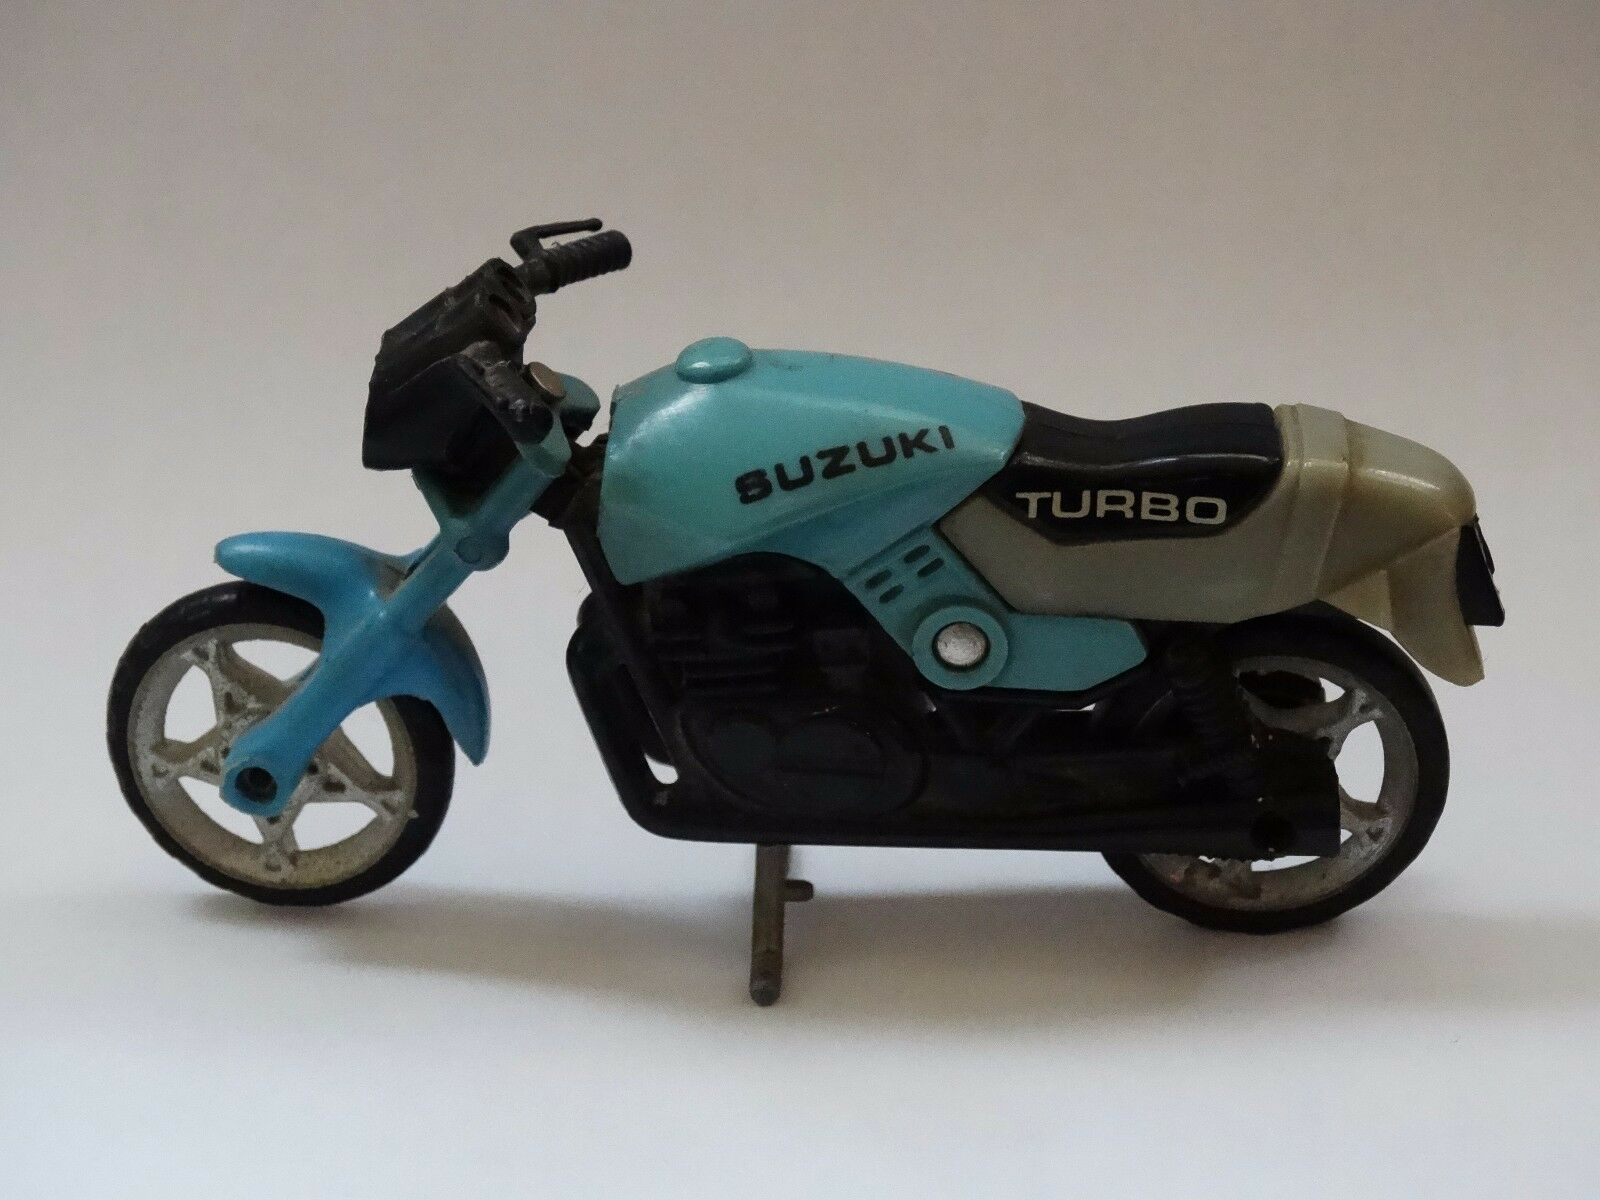 para proporcionarle una compra en línea agradable Vintage Moto Suzuki súper Raro Raro Raro Juguete De Juguete, clave que falta   Descuento del 70% barato